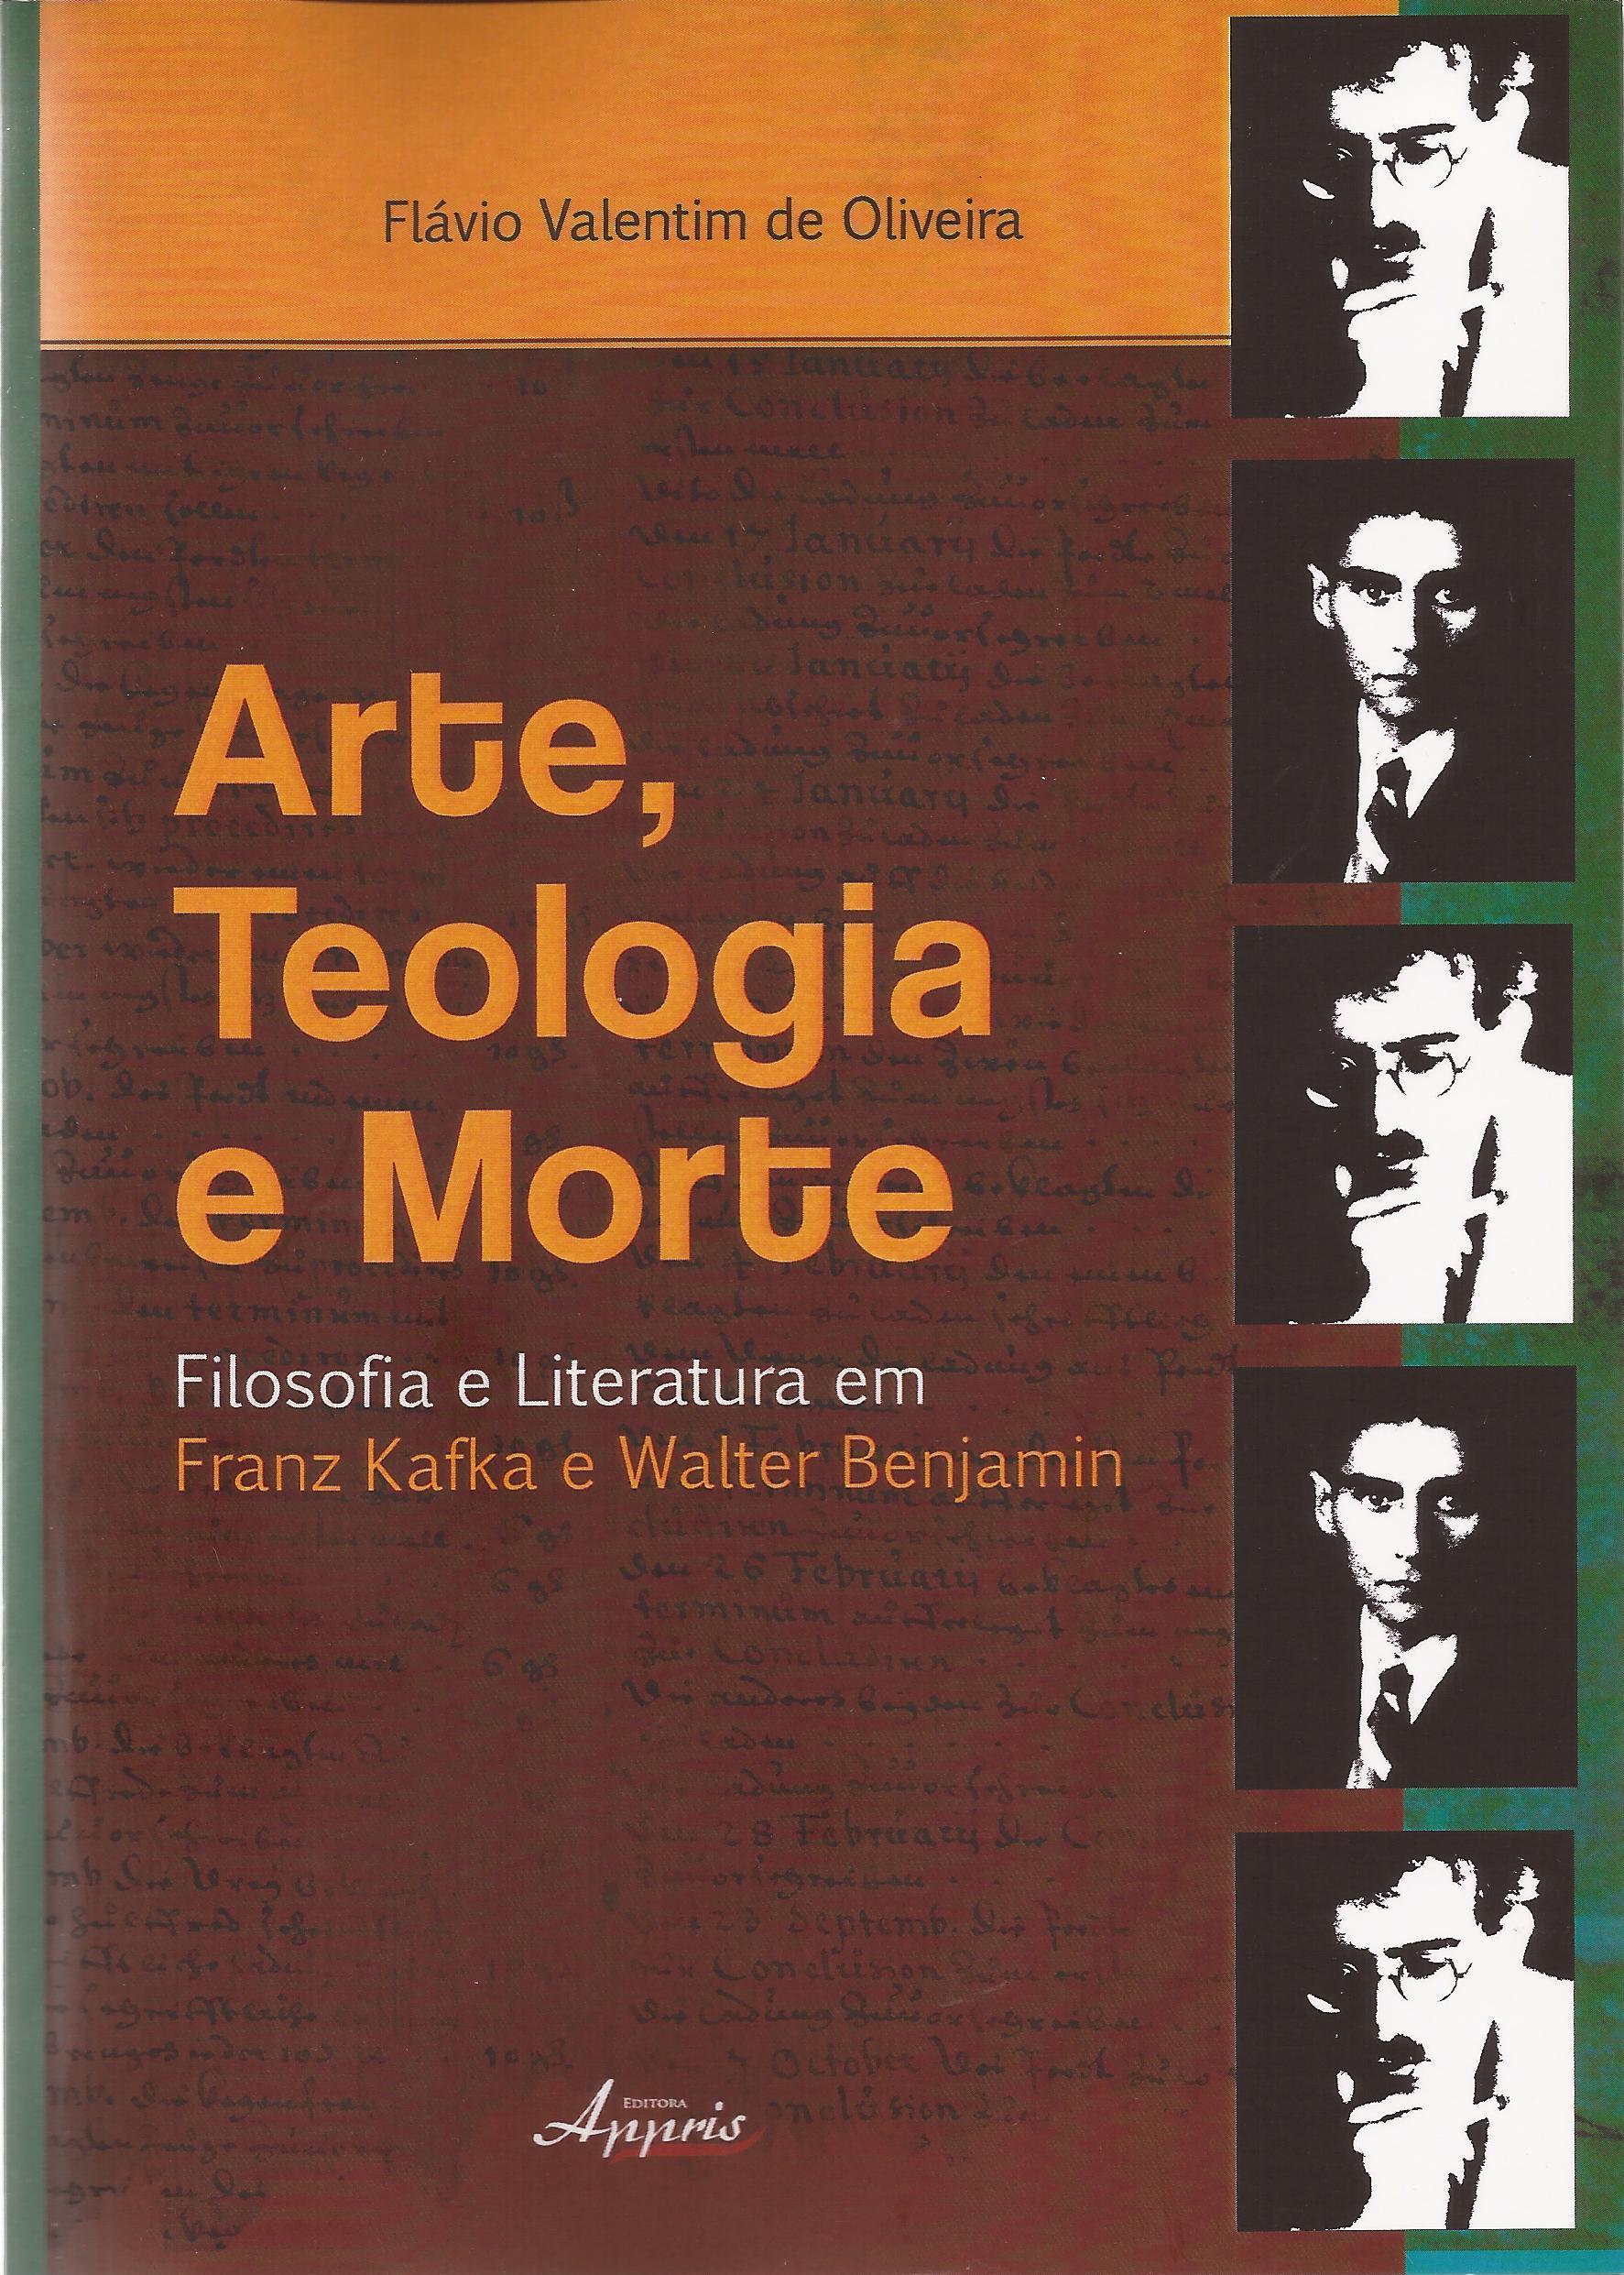 Arte, Teologia e Morte: Filosofia e Literatura em Franz Kafka e Walter Benjamim